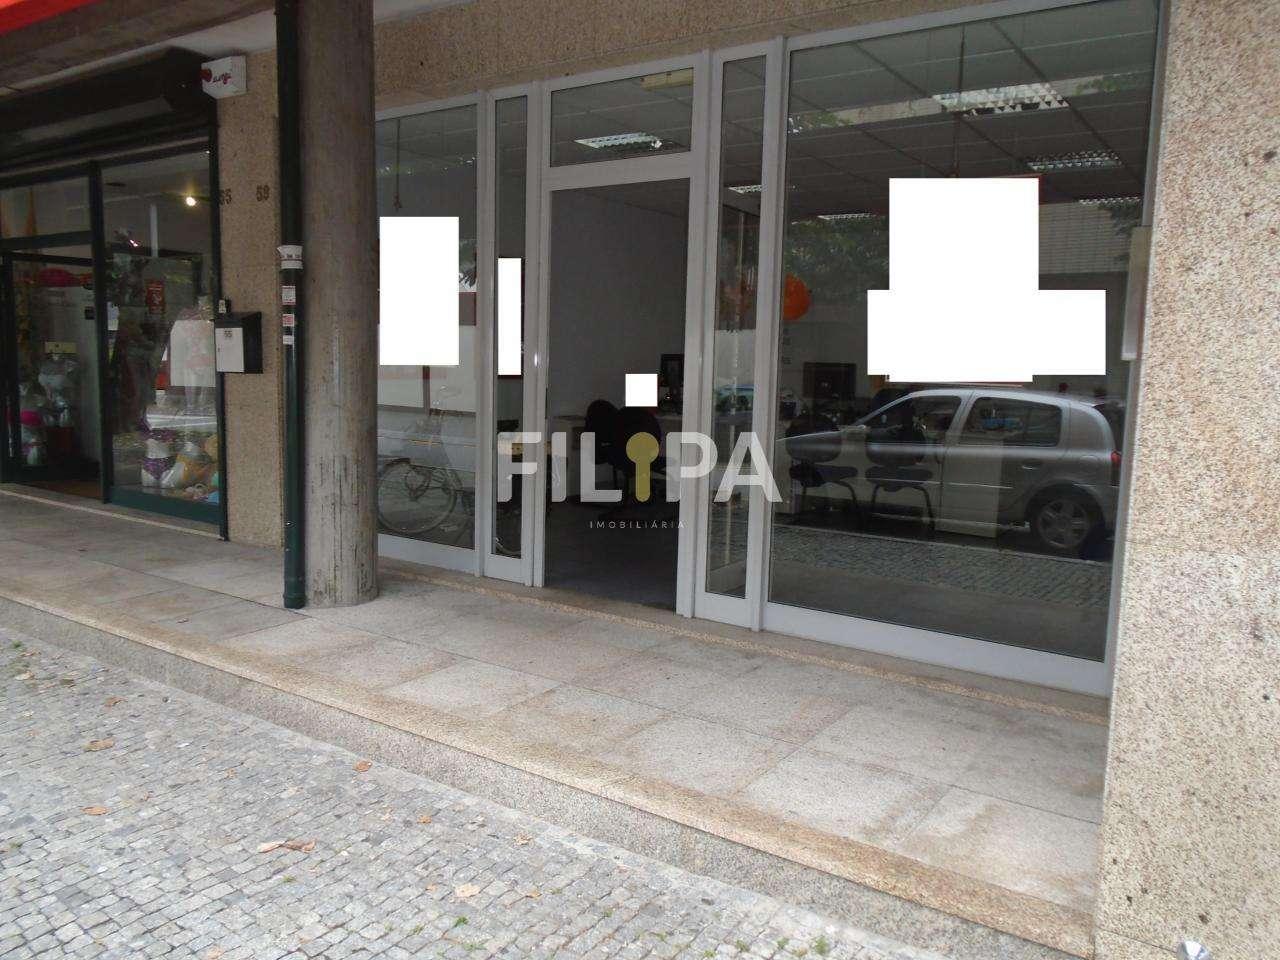 Loja para arrendar, Valongo - Foto 1